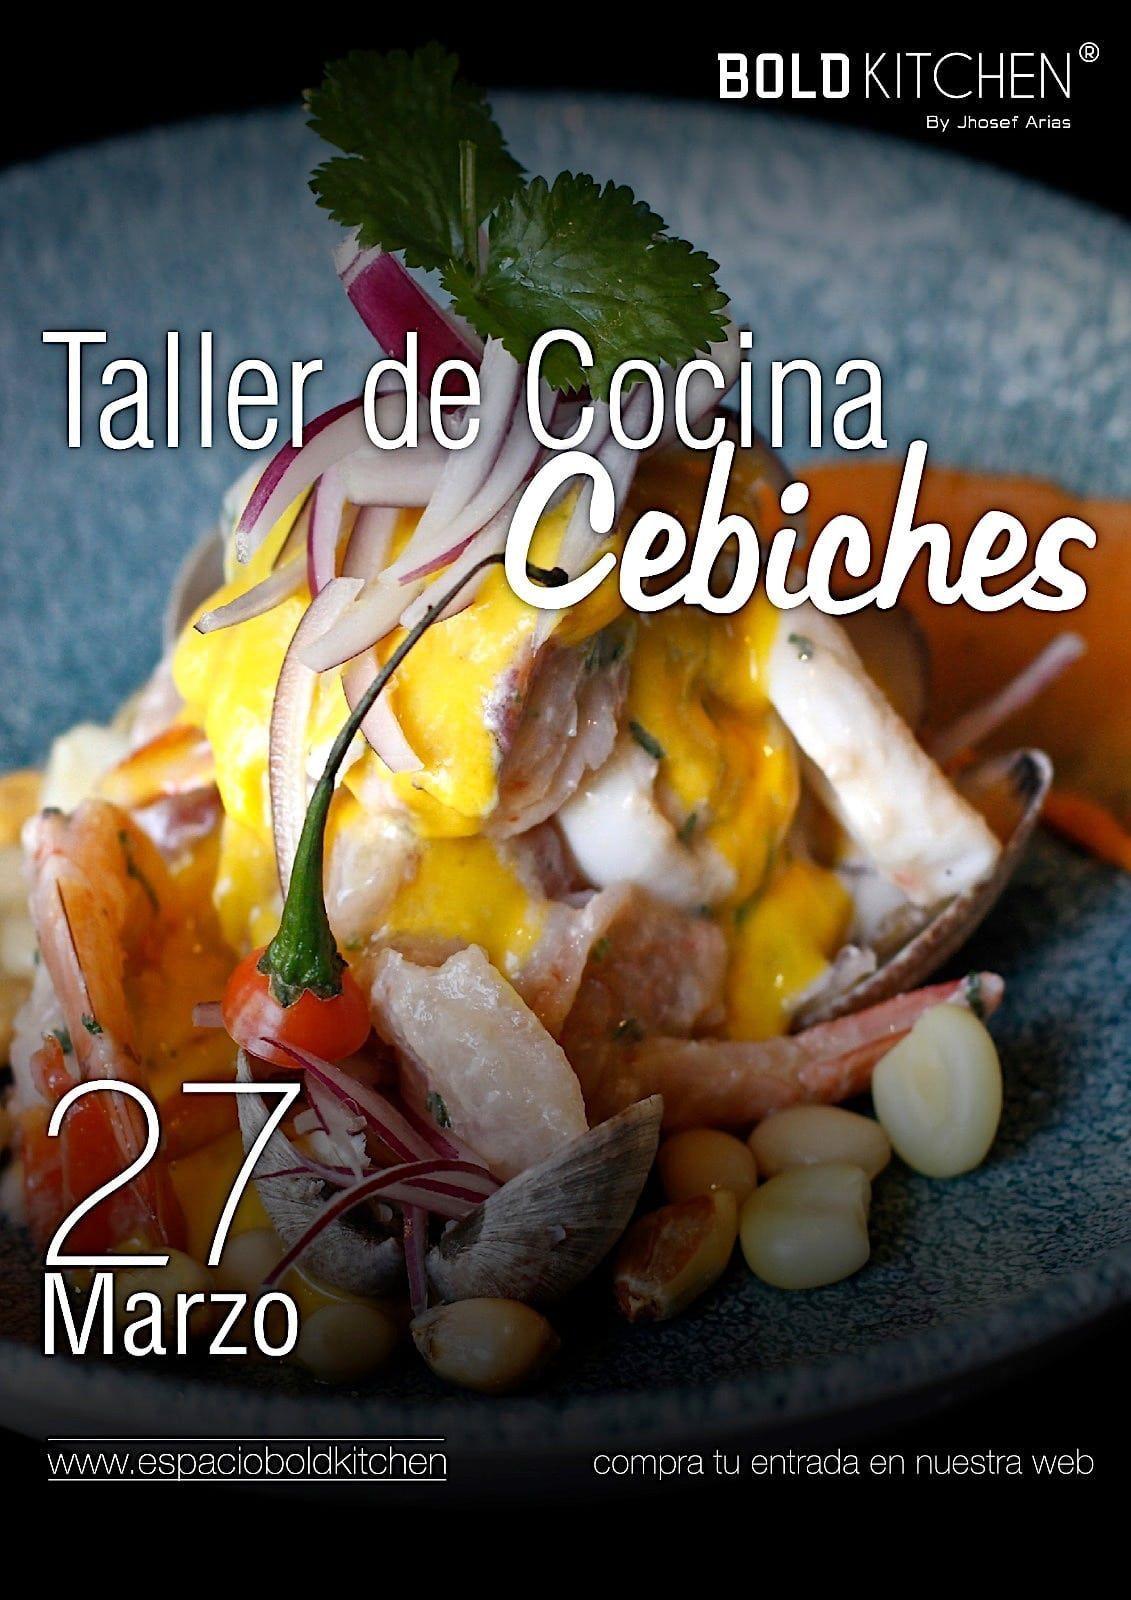 Taller de Cocina Cebichando en Madrid - 27 Marzo